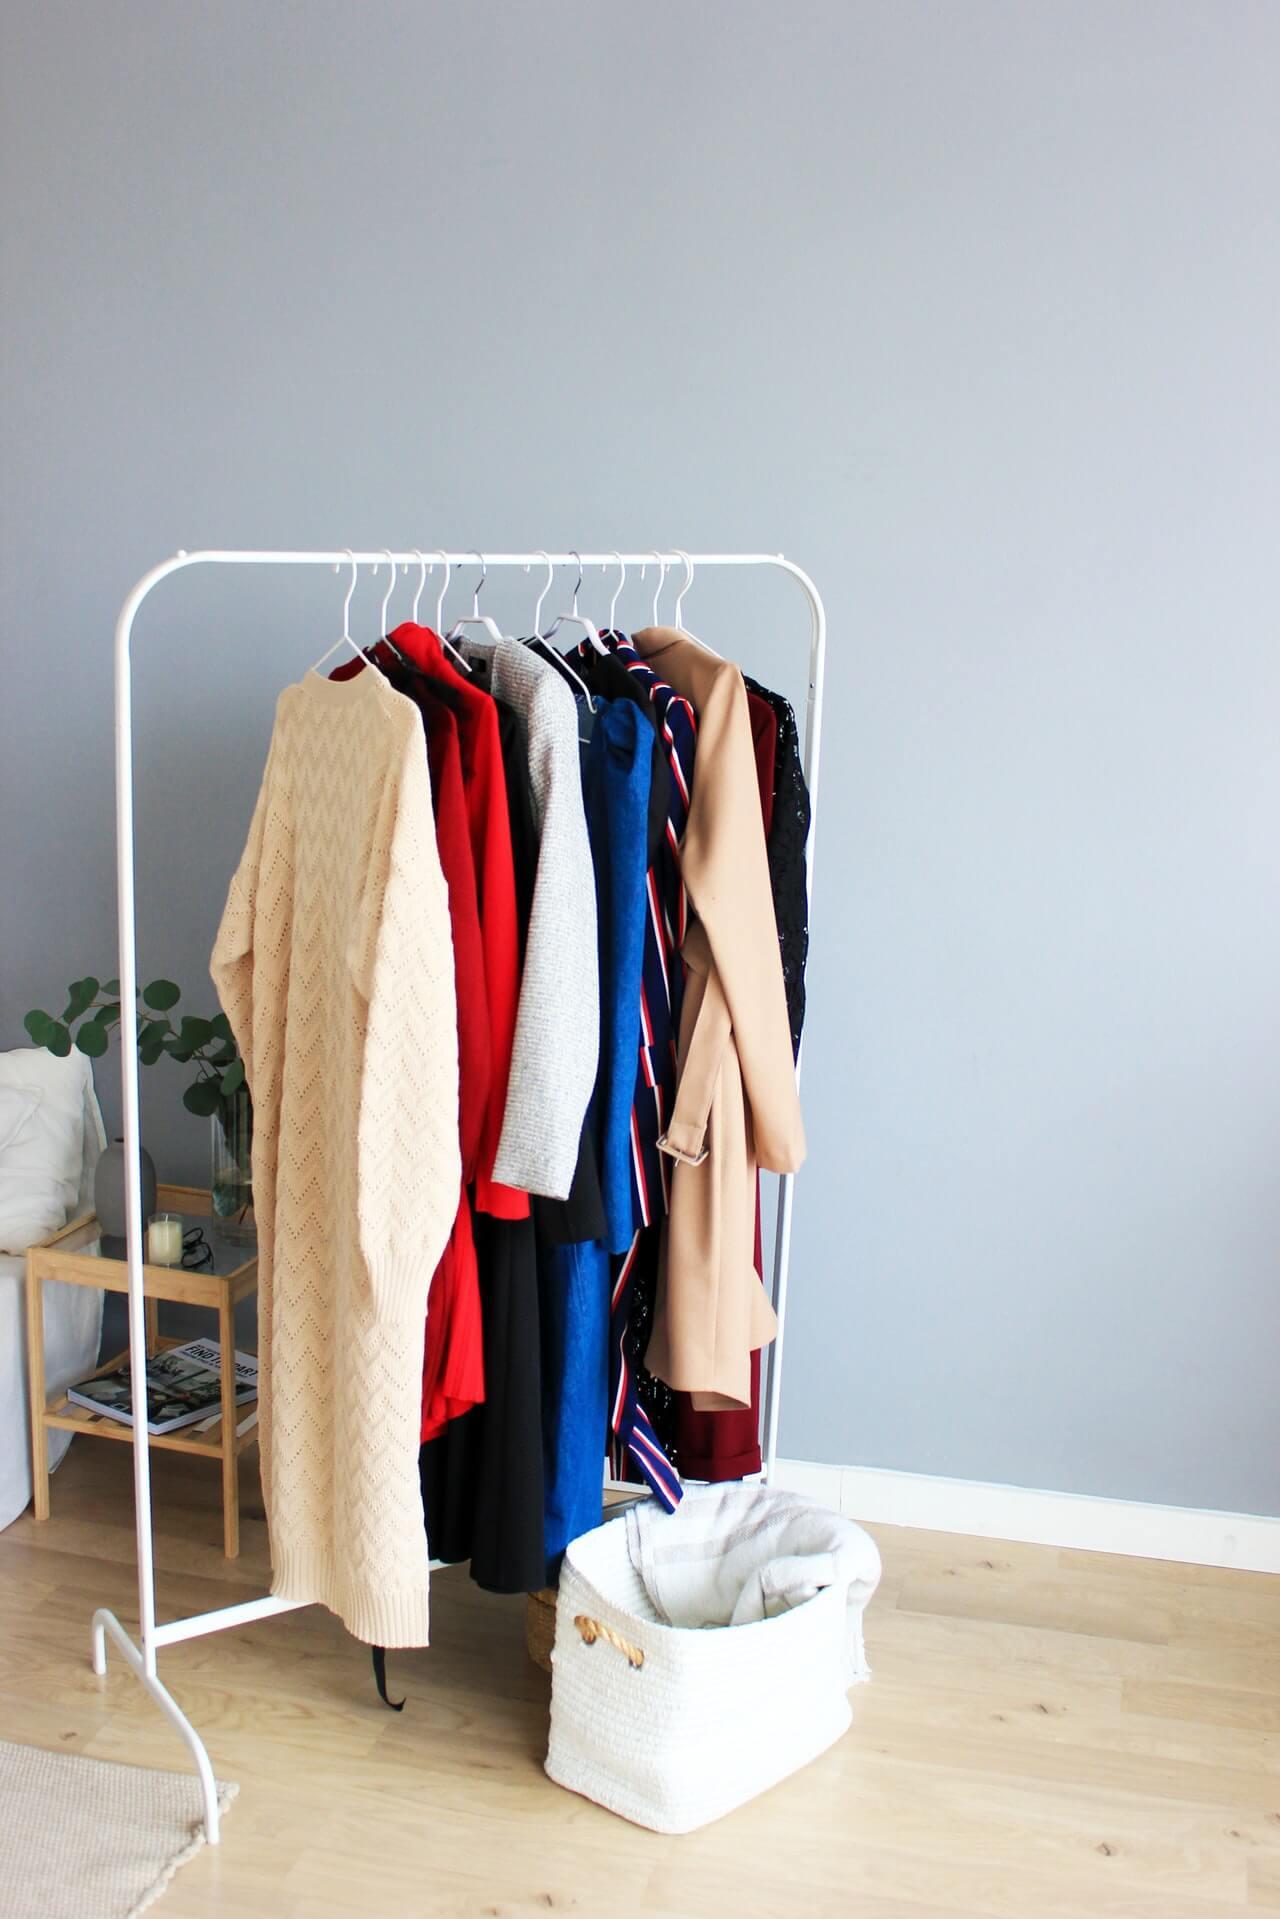 لترتيب أي خزانة ملابس ينبغي القيام بتنظيفها قبل القيام بترتيب الملابس